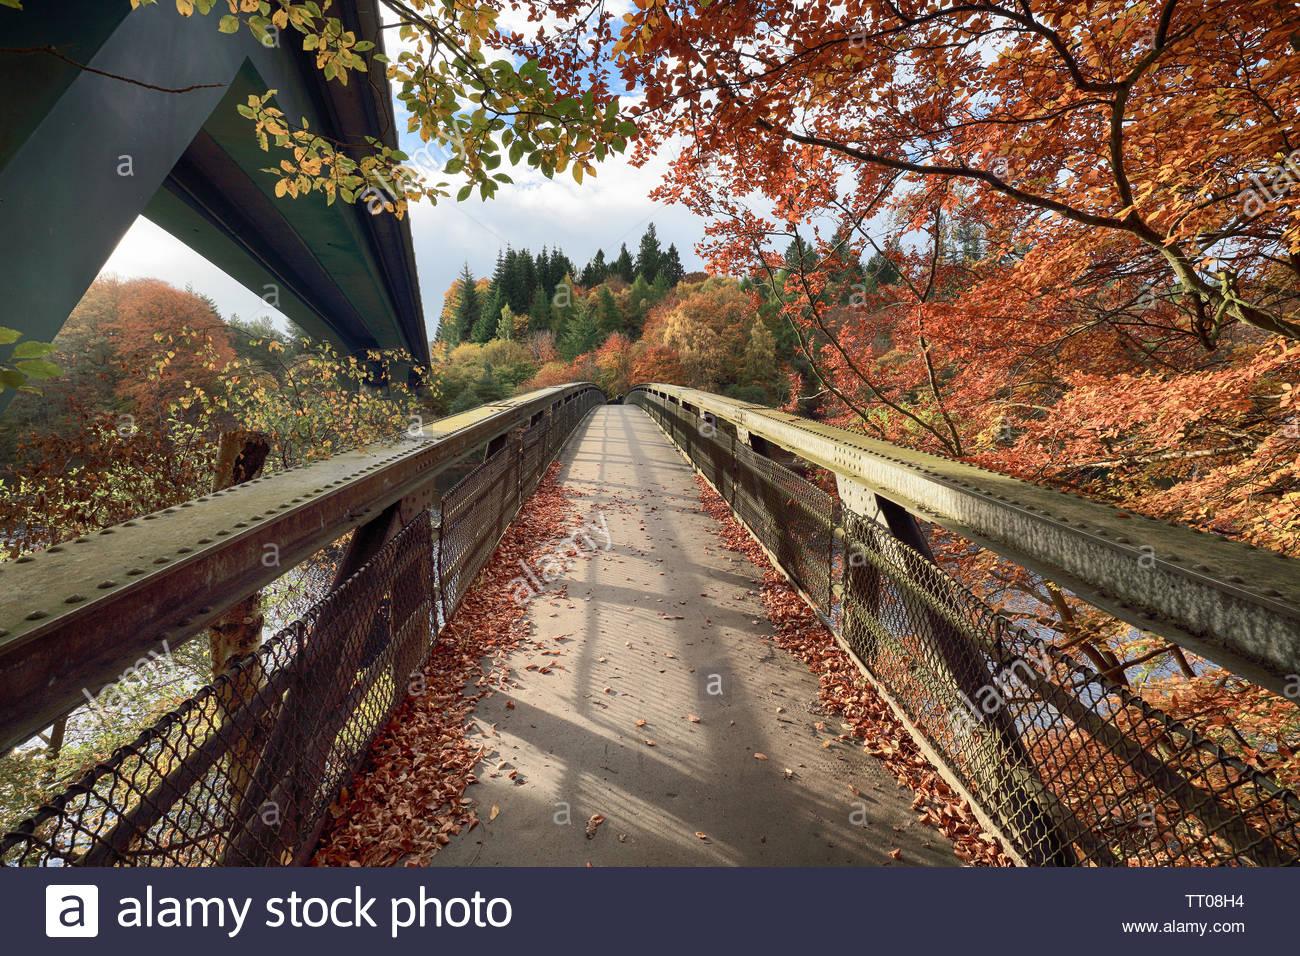 Un puente peatonal que va a Loch Faskally en Perthshire con el otoño árboles colgantes sobre el puente. Foto de stock